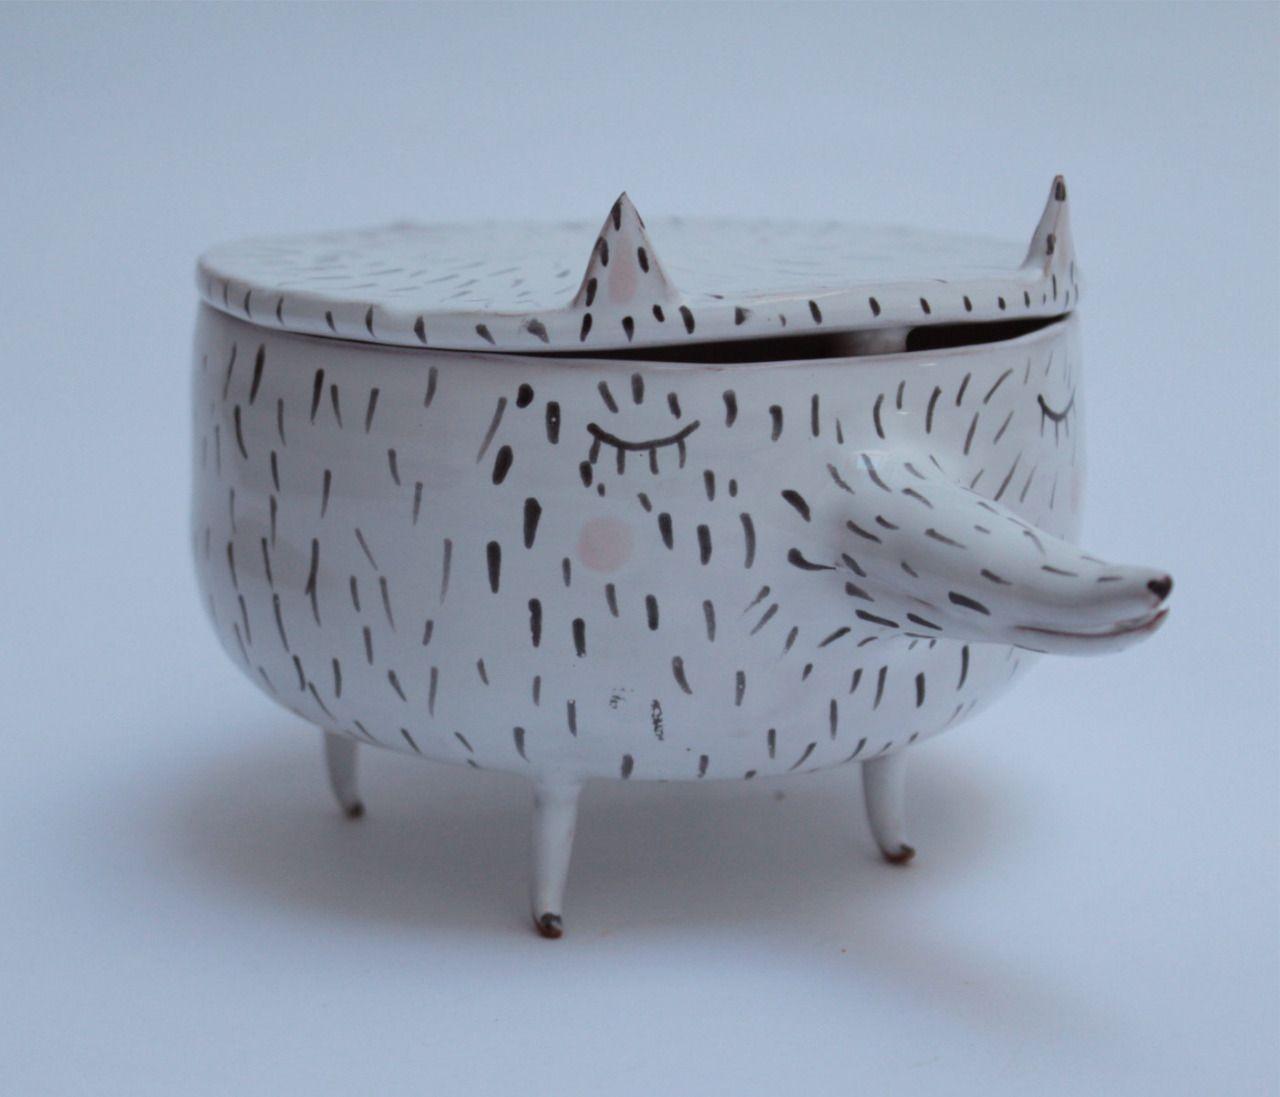 Handmade pottery by Marta Turowska